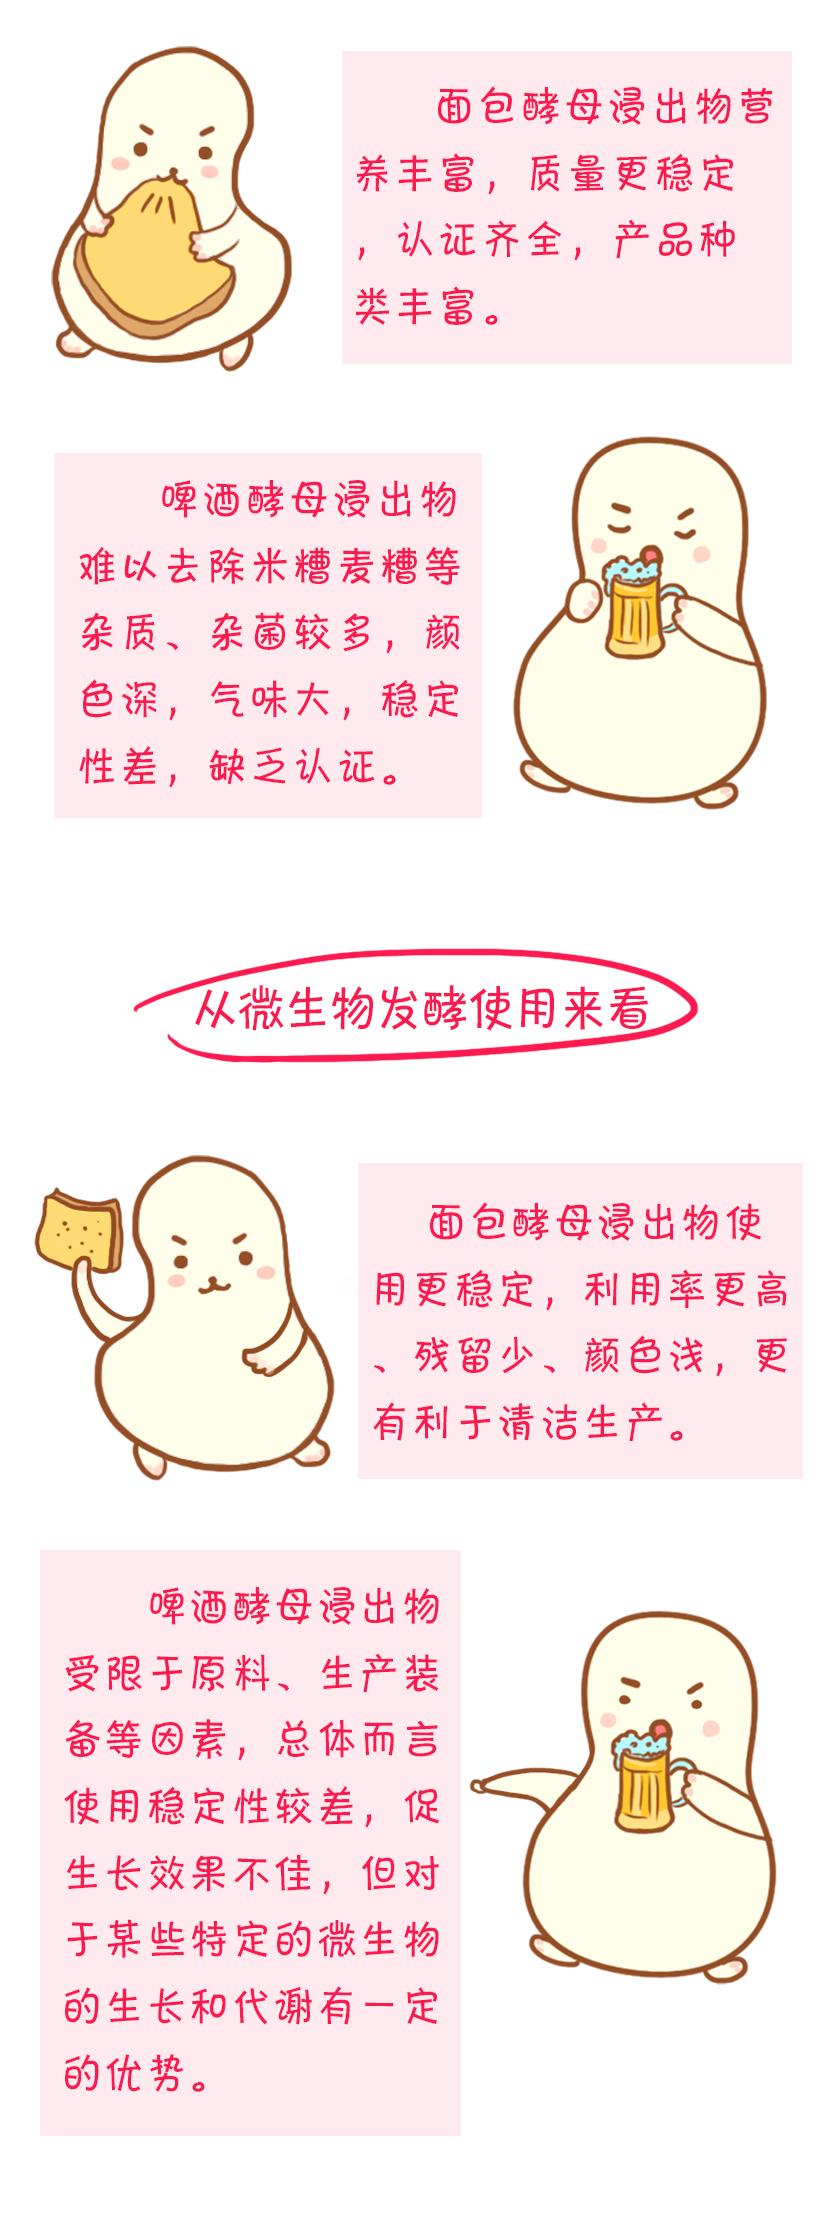 面包酵母浸出物和啤酒酵母浸出物的区别在哪里?6.jpg